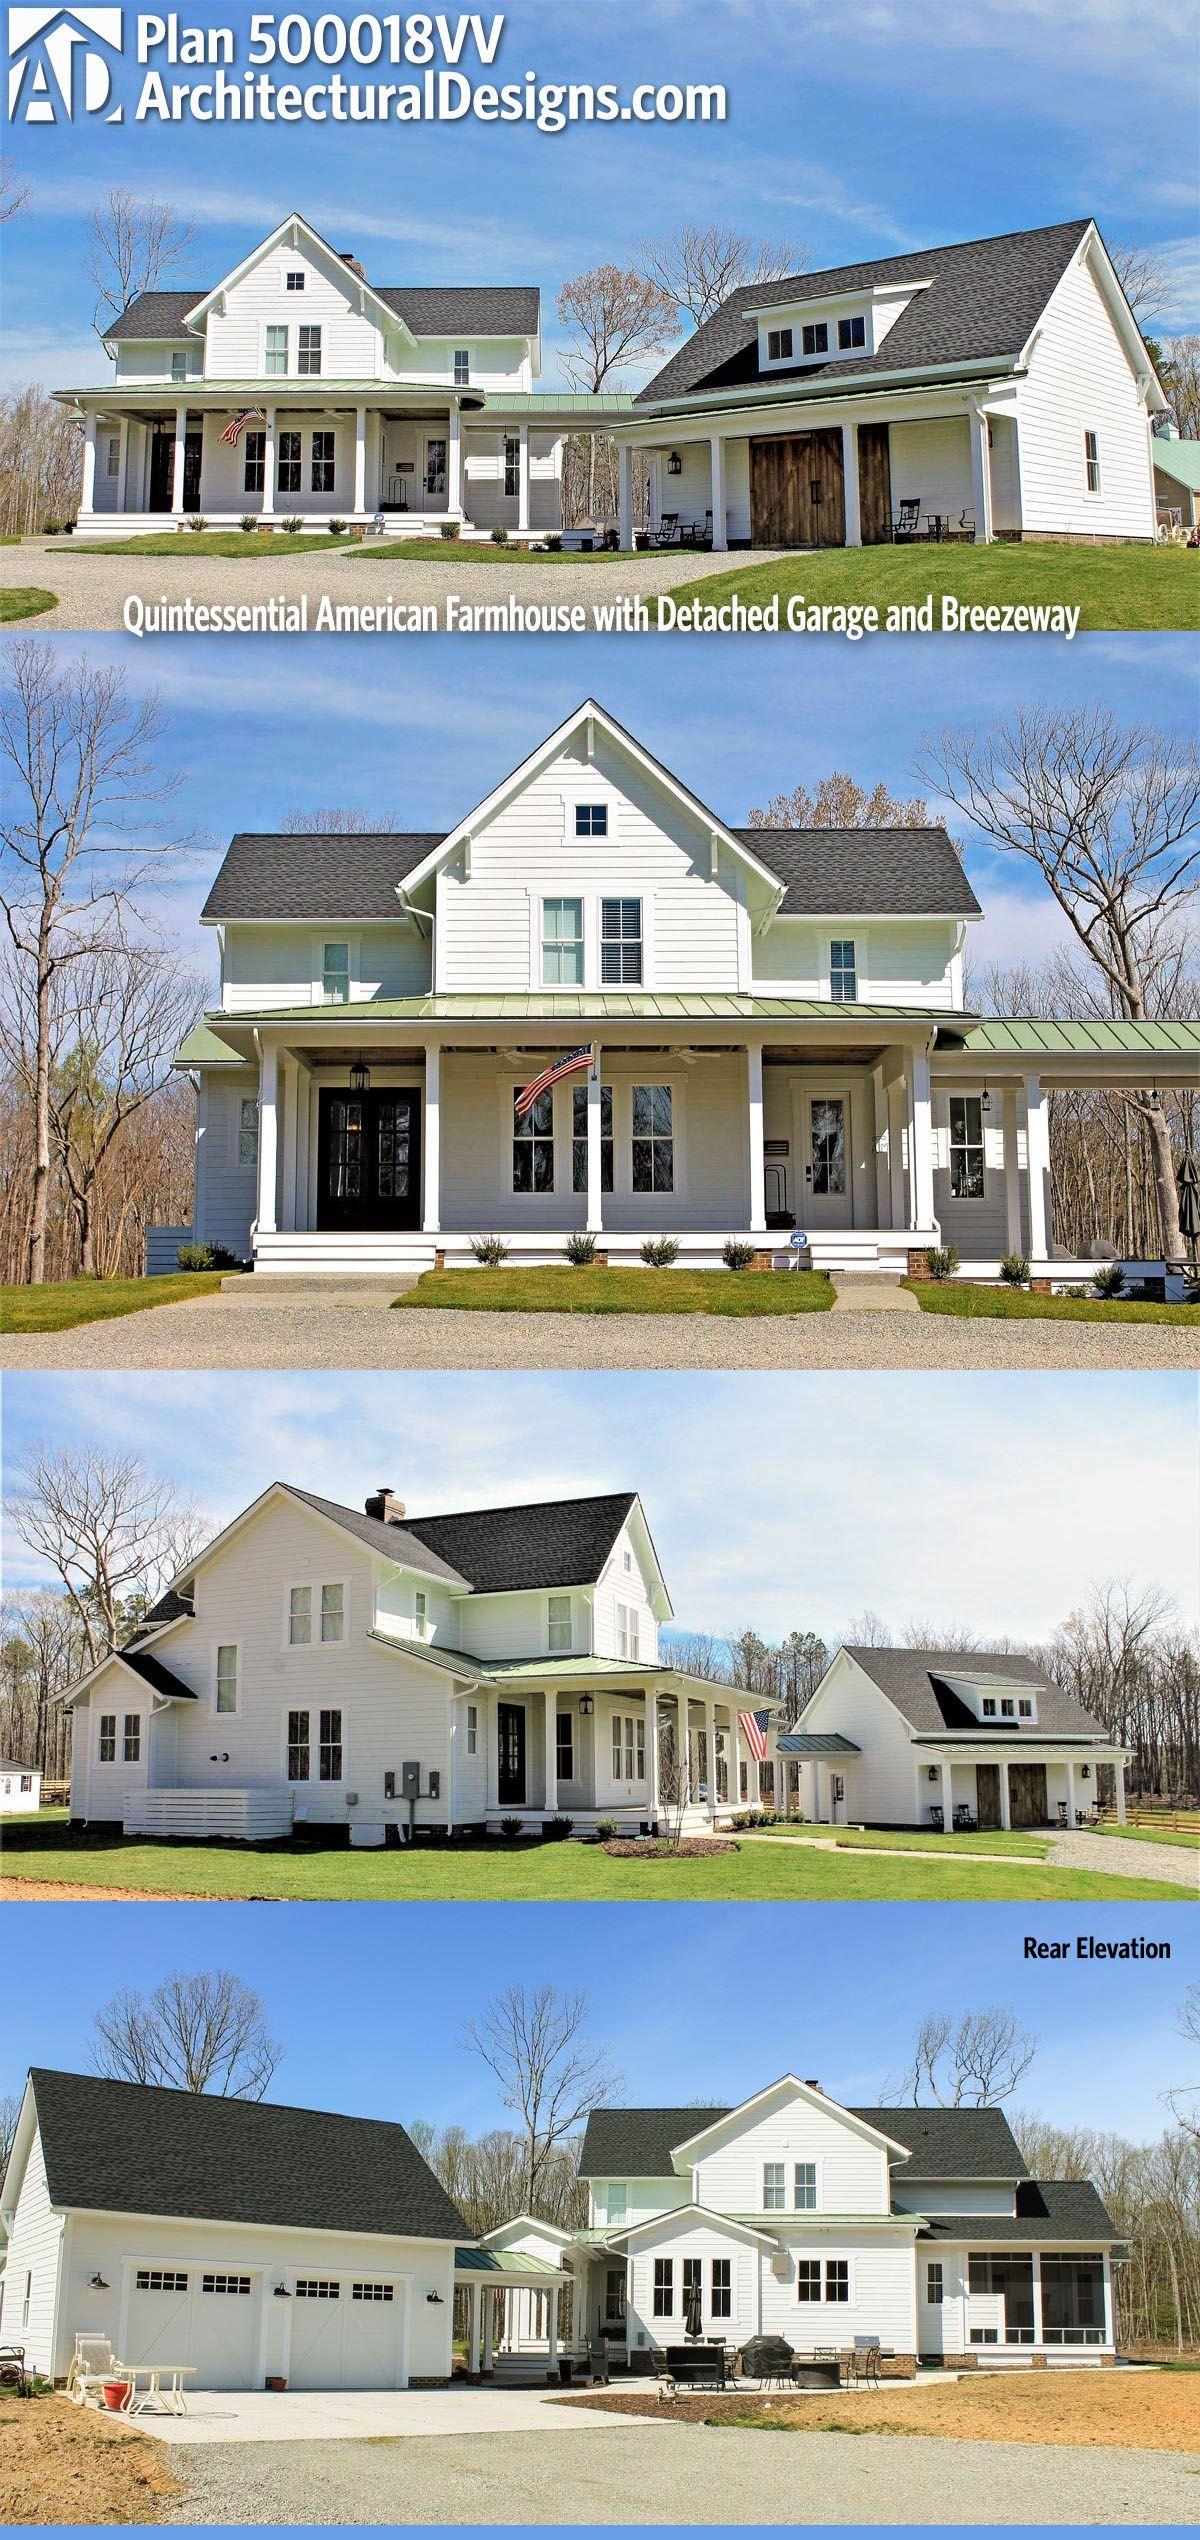 Architectural Design Quintessential American Farmhouse